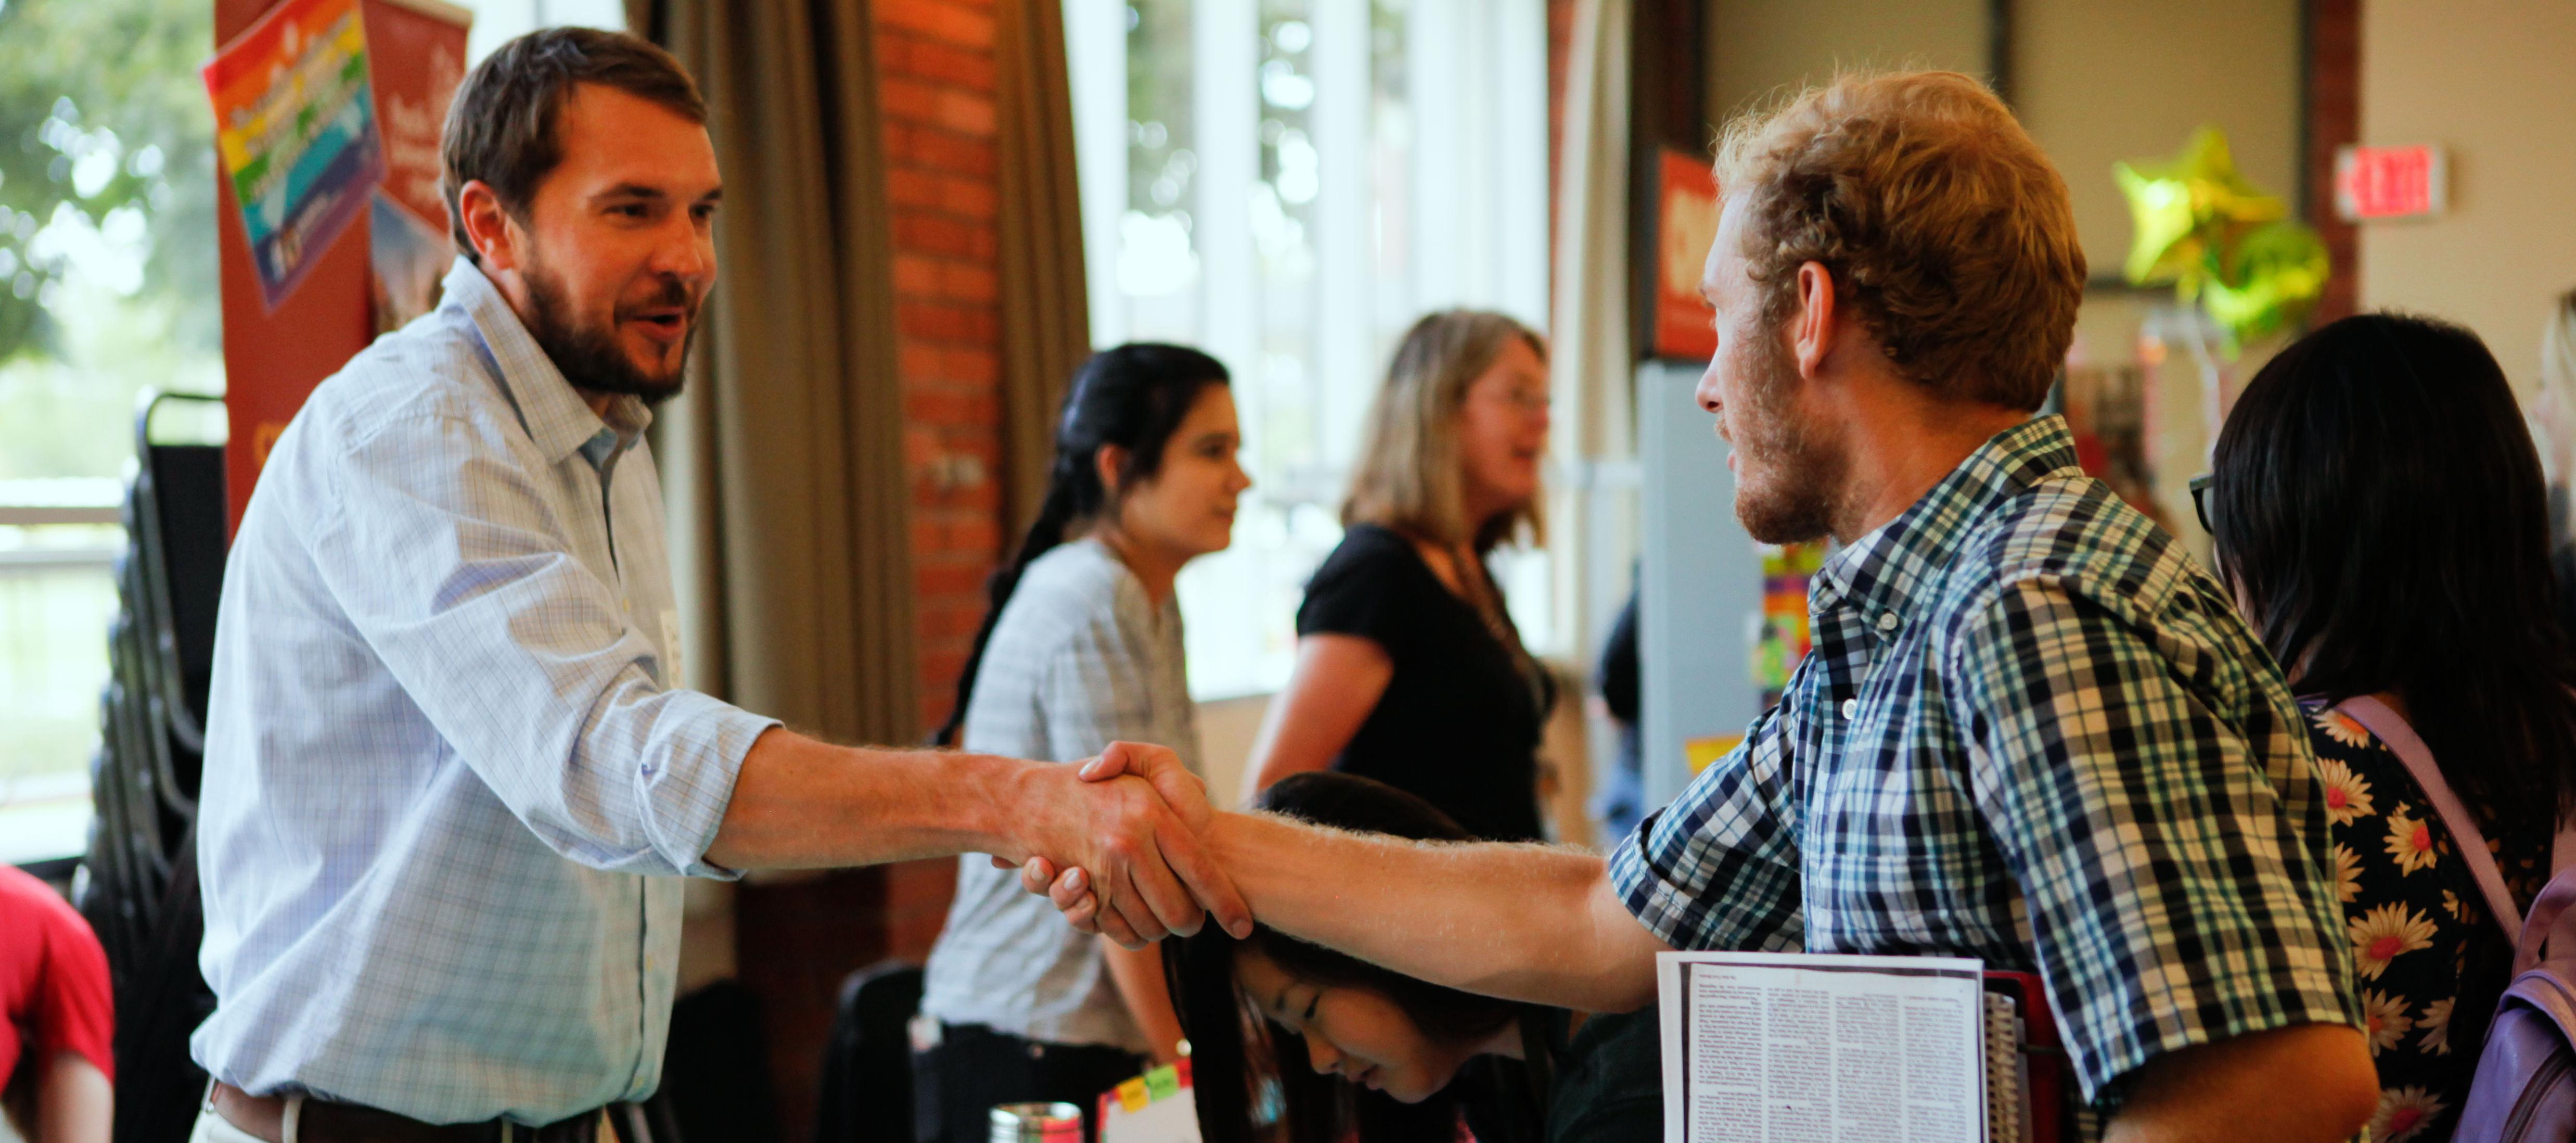 work volunteer opportunities pacific university job services